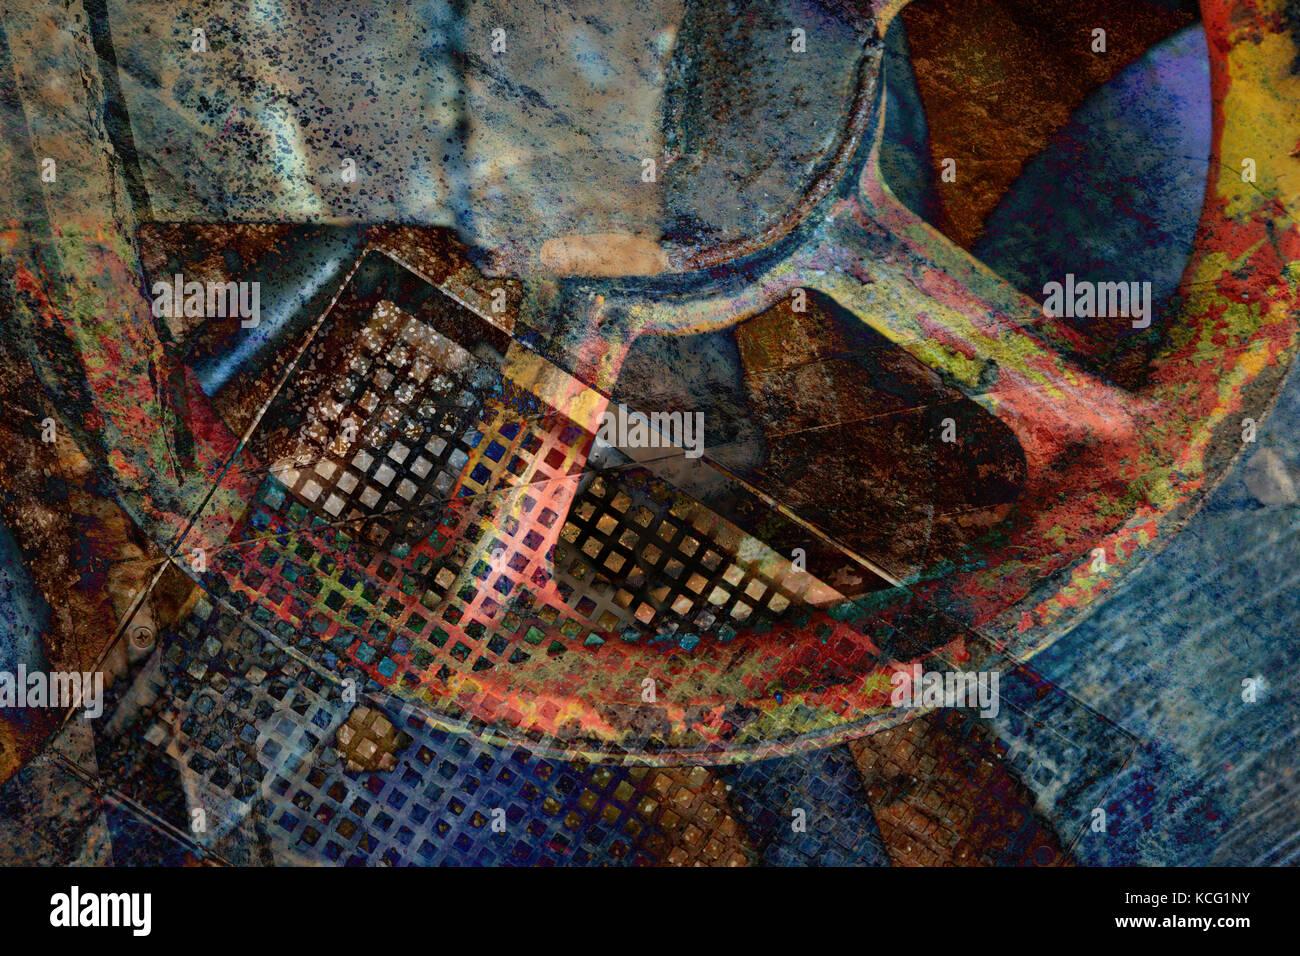 Abstrakter farbiger Hintergrund mit Rad-abstrakten farbigen Hintergrund mit Rad Stockbild